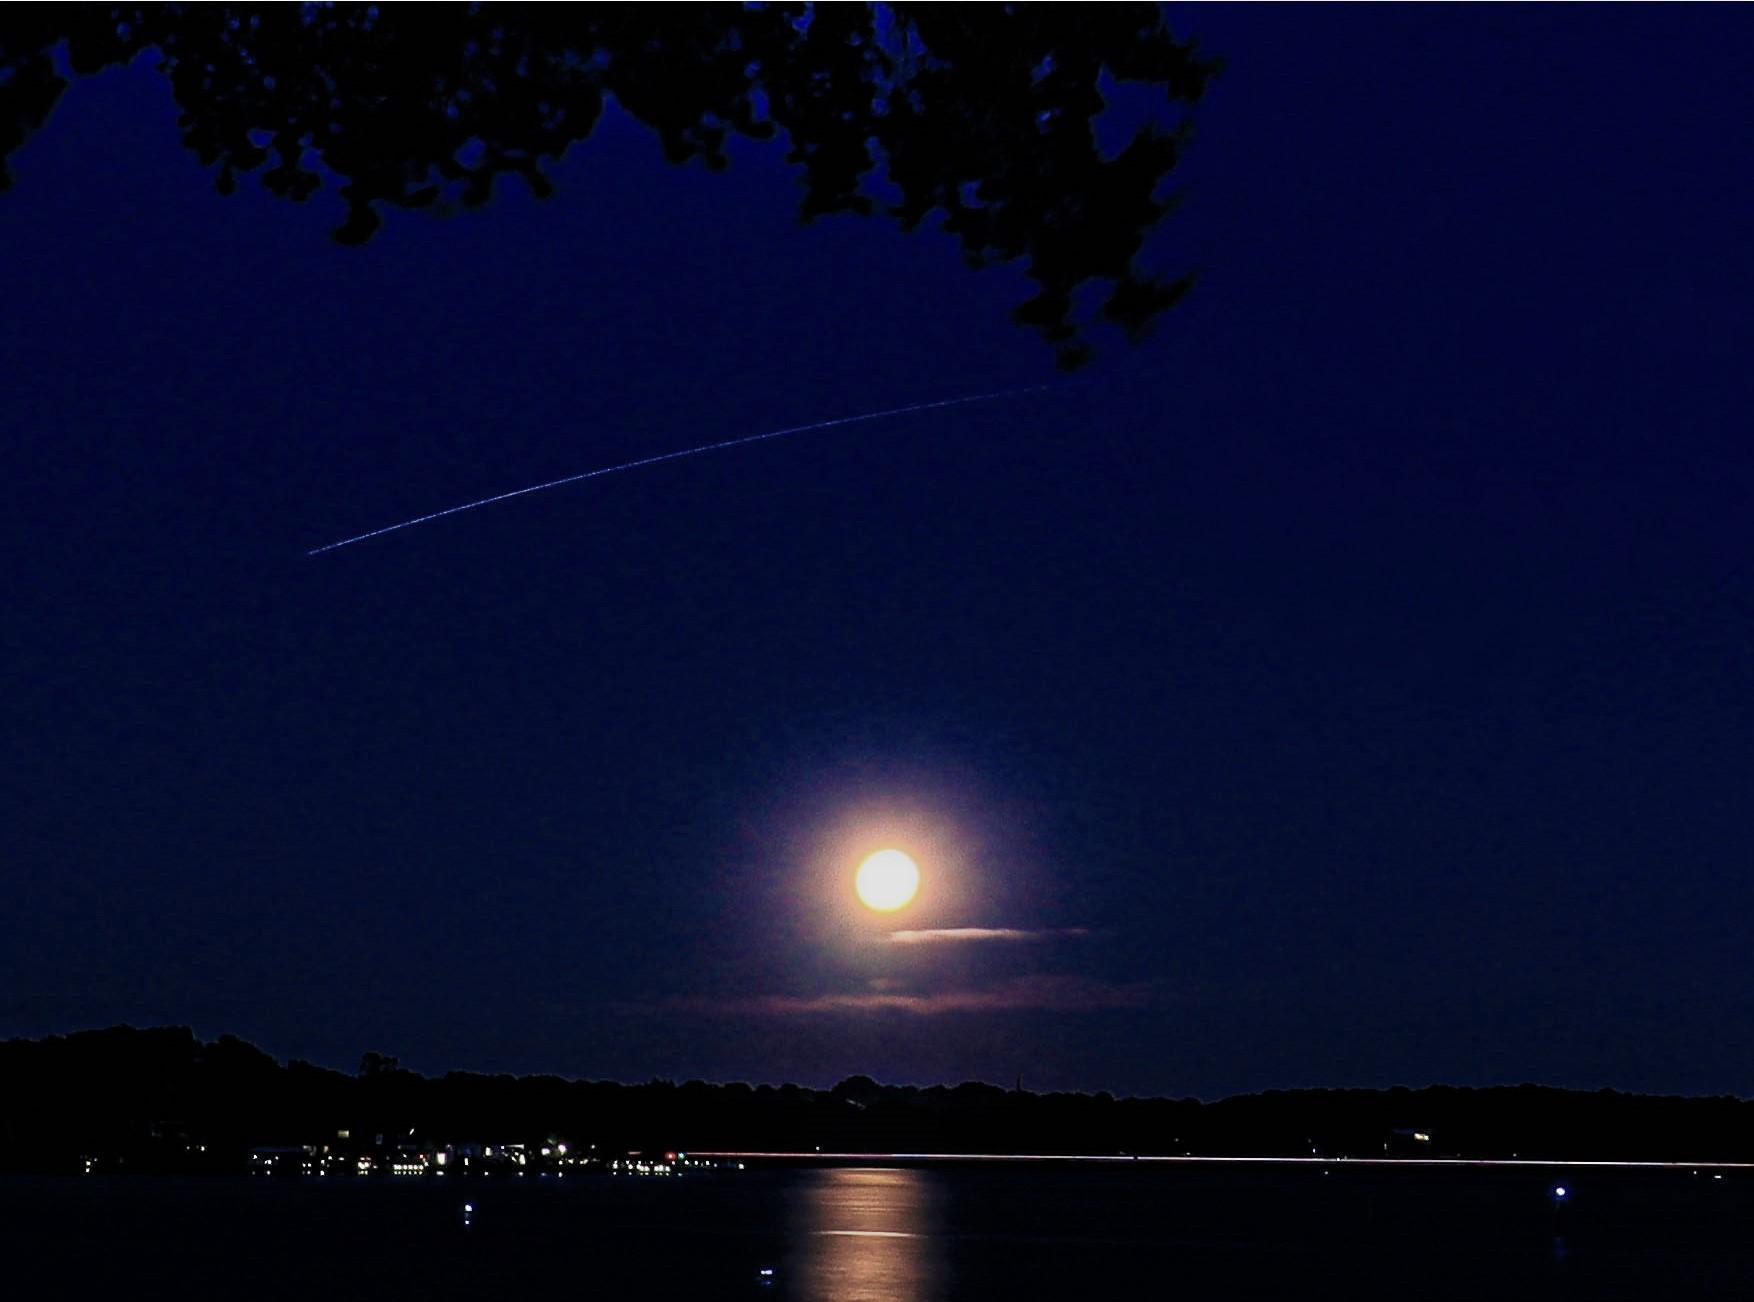 moon and shooting star